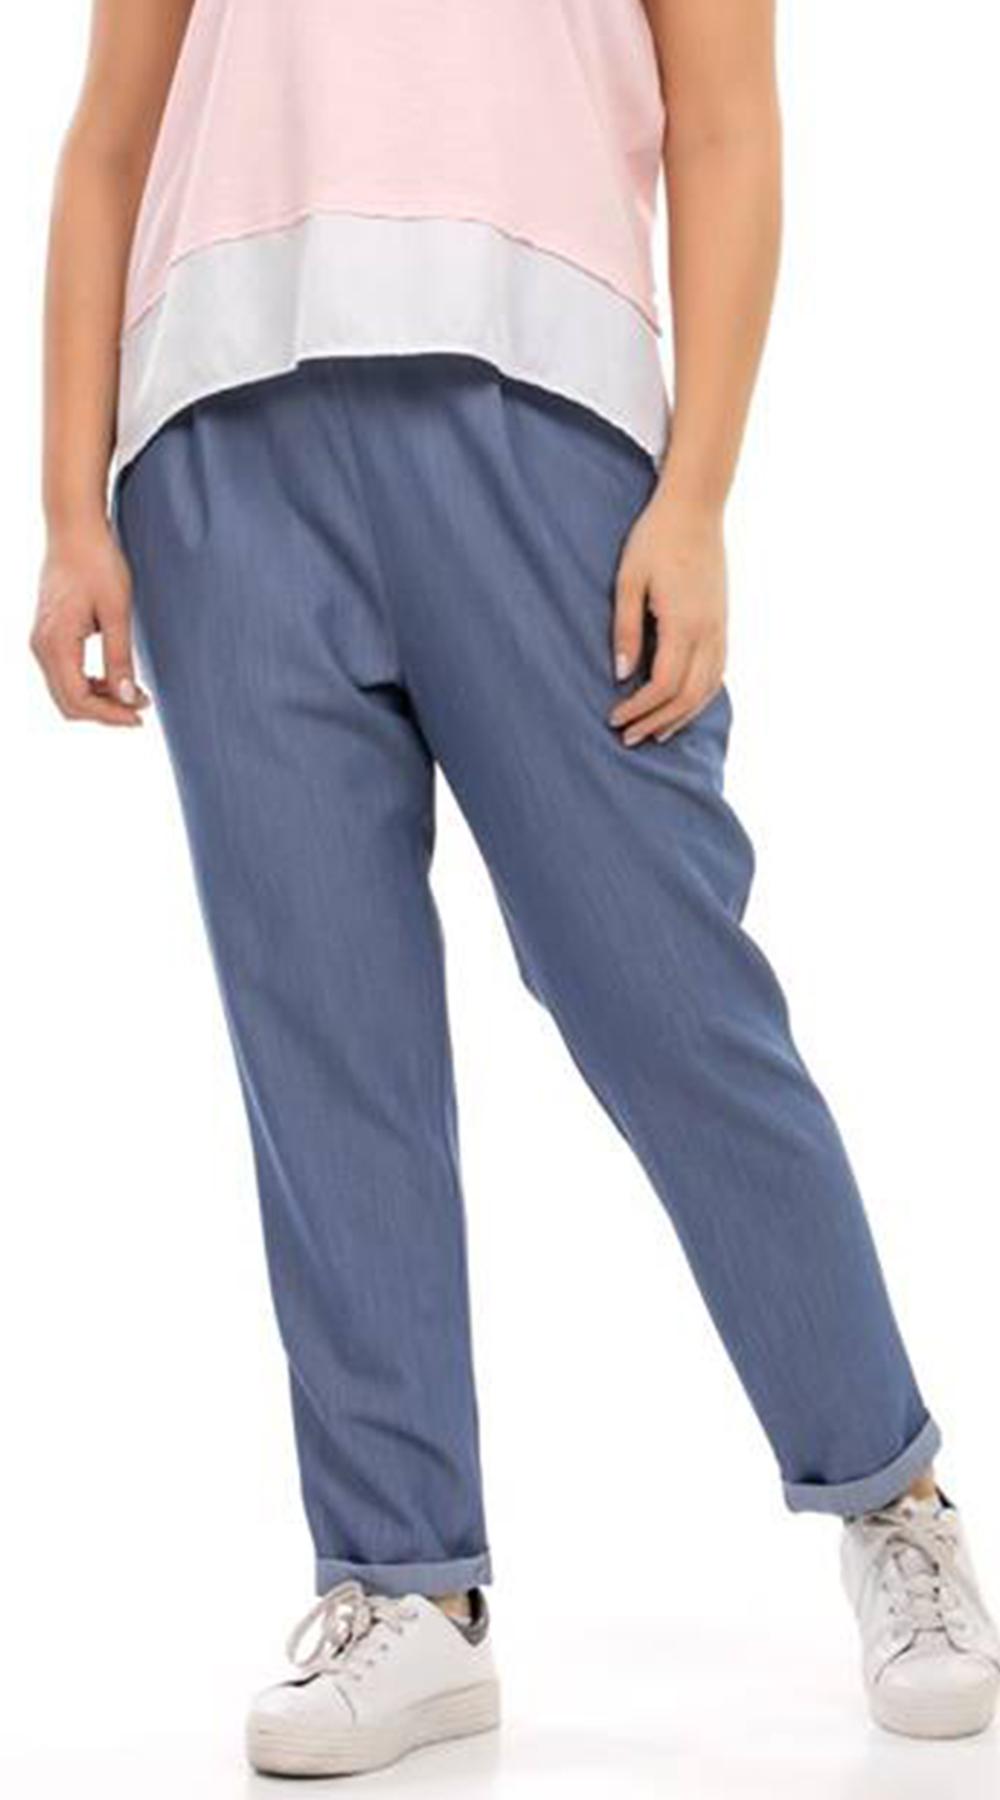 Γυναικείο παντελόνι με ρεβέρ και τσέπες - Curvy - Greek Brands - SP18CM-C-39004 ενδύματα παντελόνια   κολάν